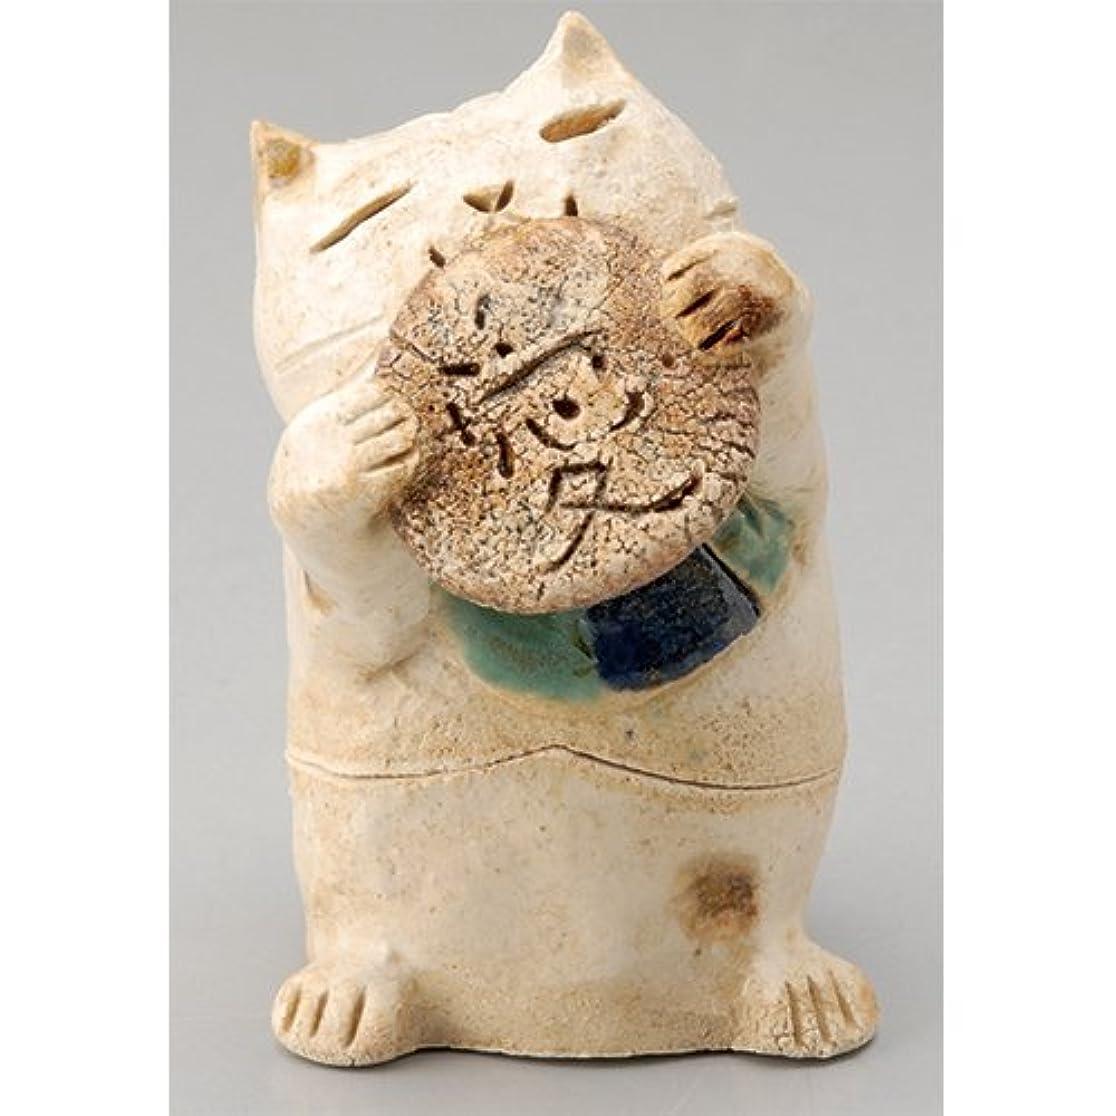 矢印どっちくつろぐ香炉 ごえん猫 香炉(愛) [H8cm] HANDMADE プレゼント ギフト 和食器 かわいい インテリア